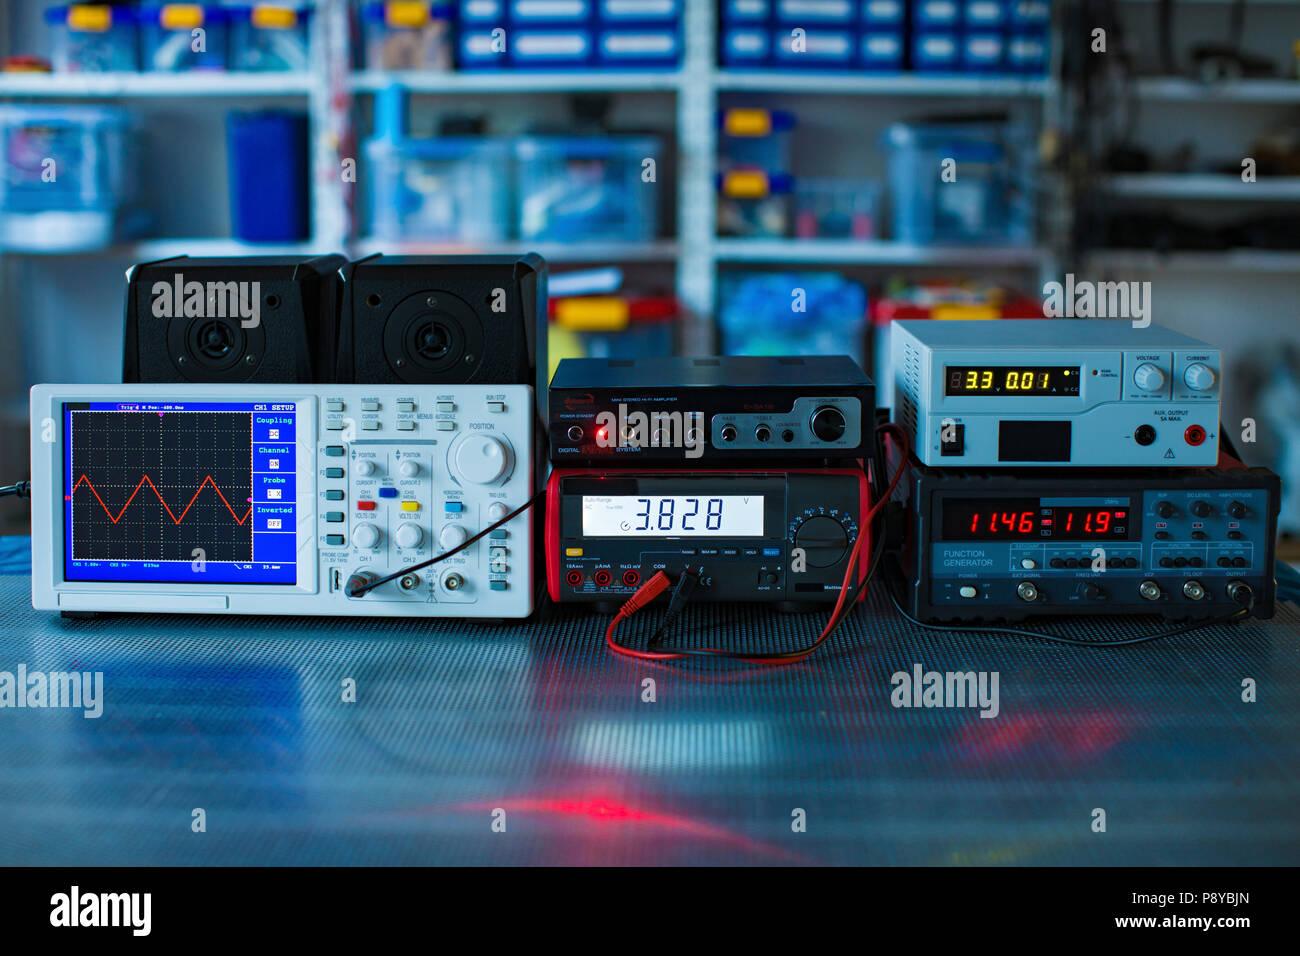 Electronics laboratory. - Stock Image